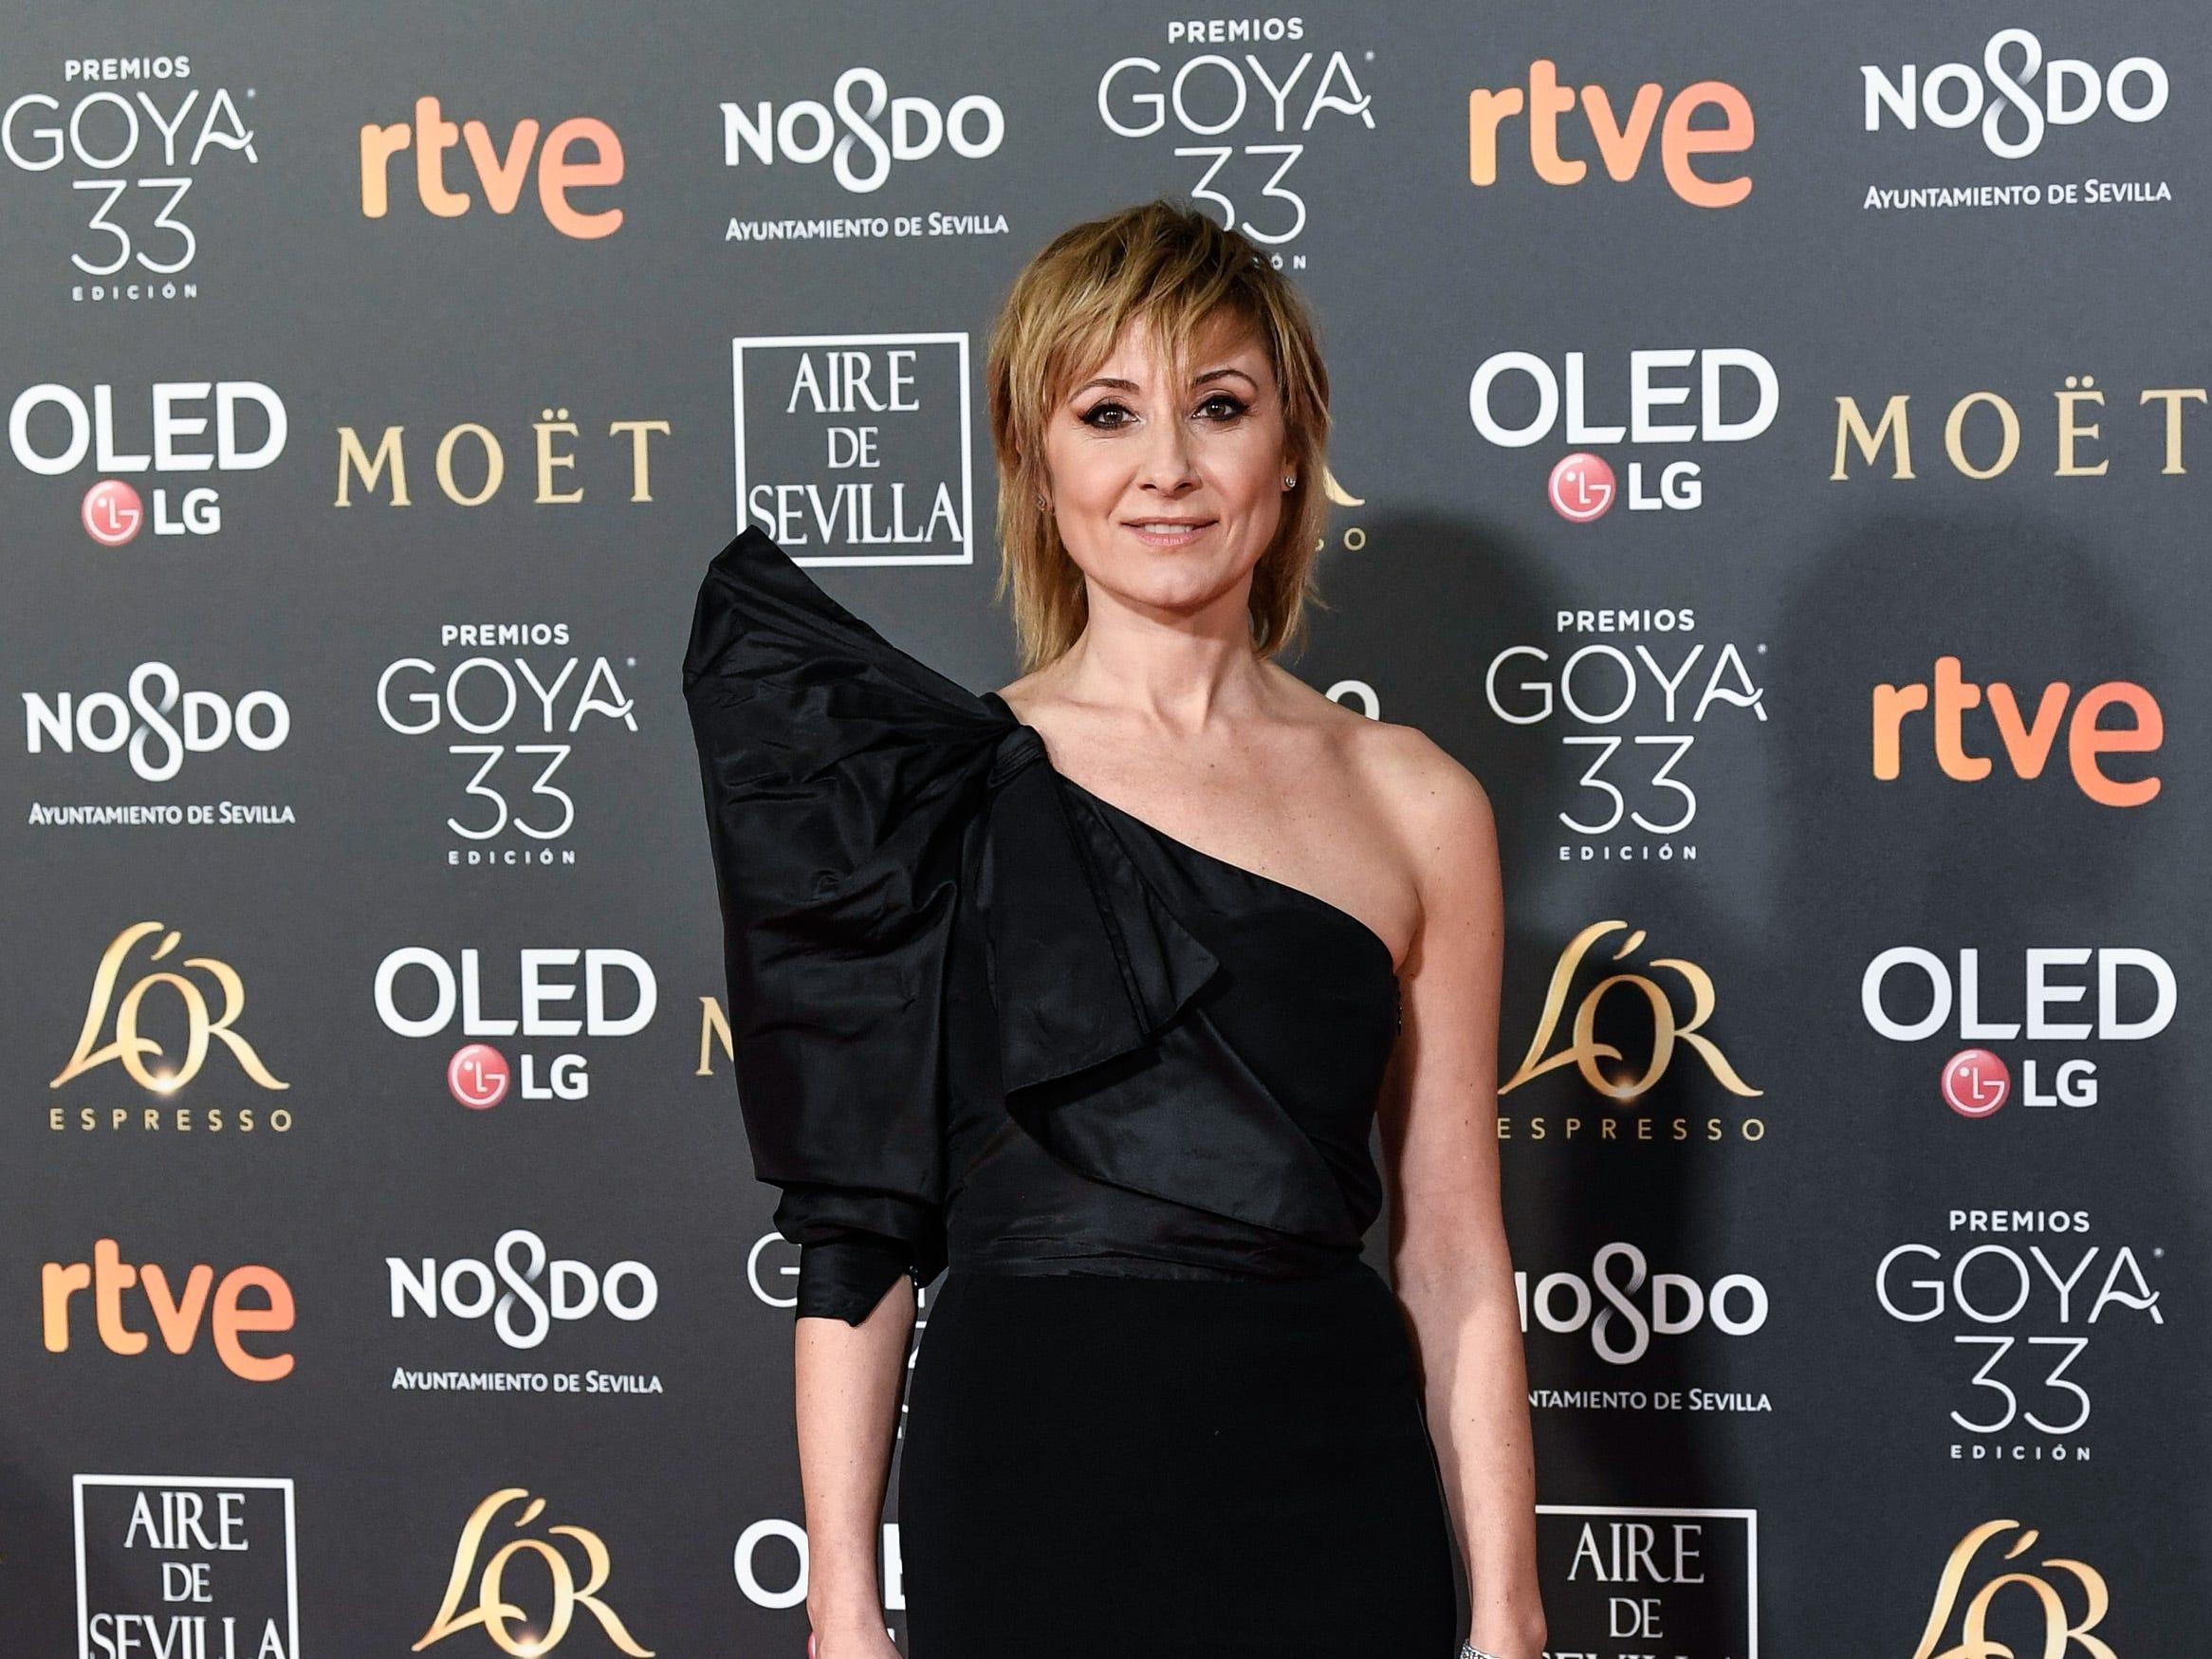 Nathalie Poza asiste a la 33ª edición de los Premios de Cine Goya en el Palacio de Congresos y Exposiciones FIBES el 2 de febrero de 2019 en Sevilla, España.